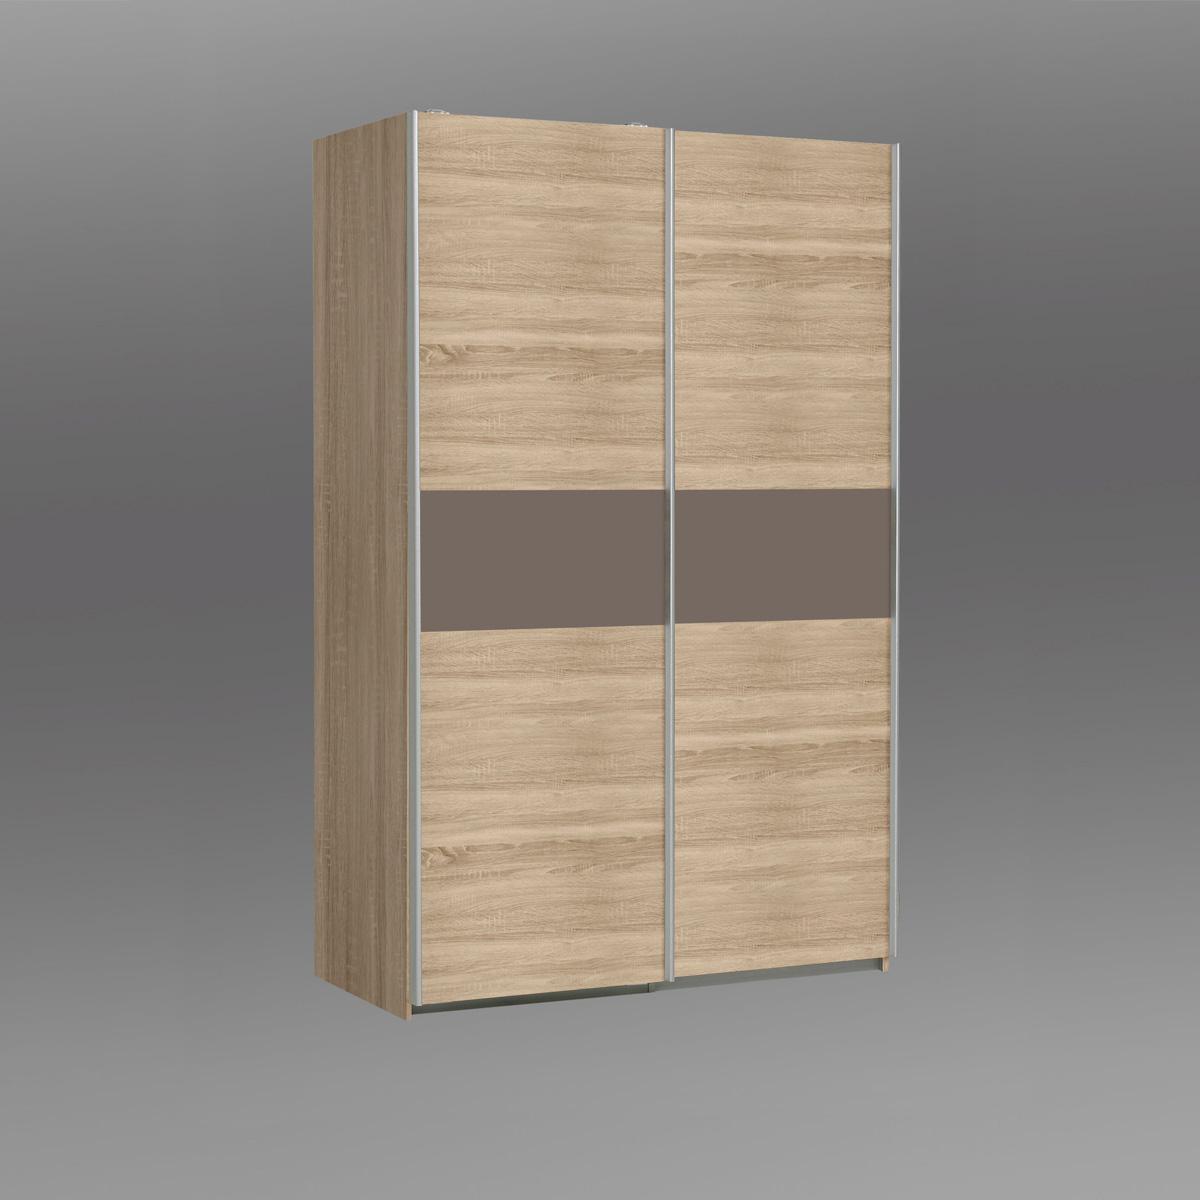 schwebet renschrank ohio kleiderschrank schrank sonoma eiche braun matt wei ebay. Black Bedroom Furniture Sets. Home Design Ideas